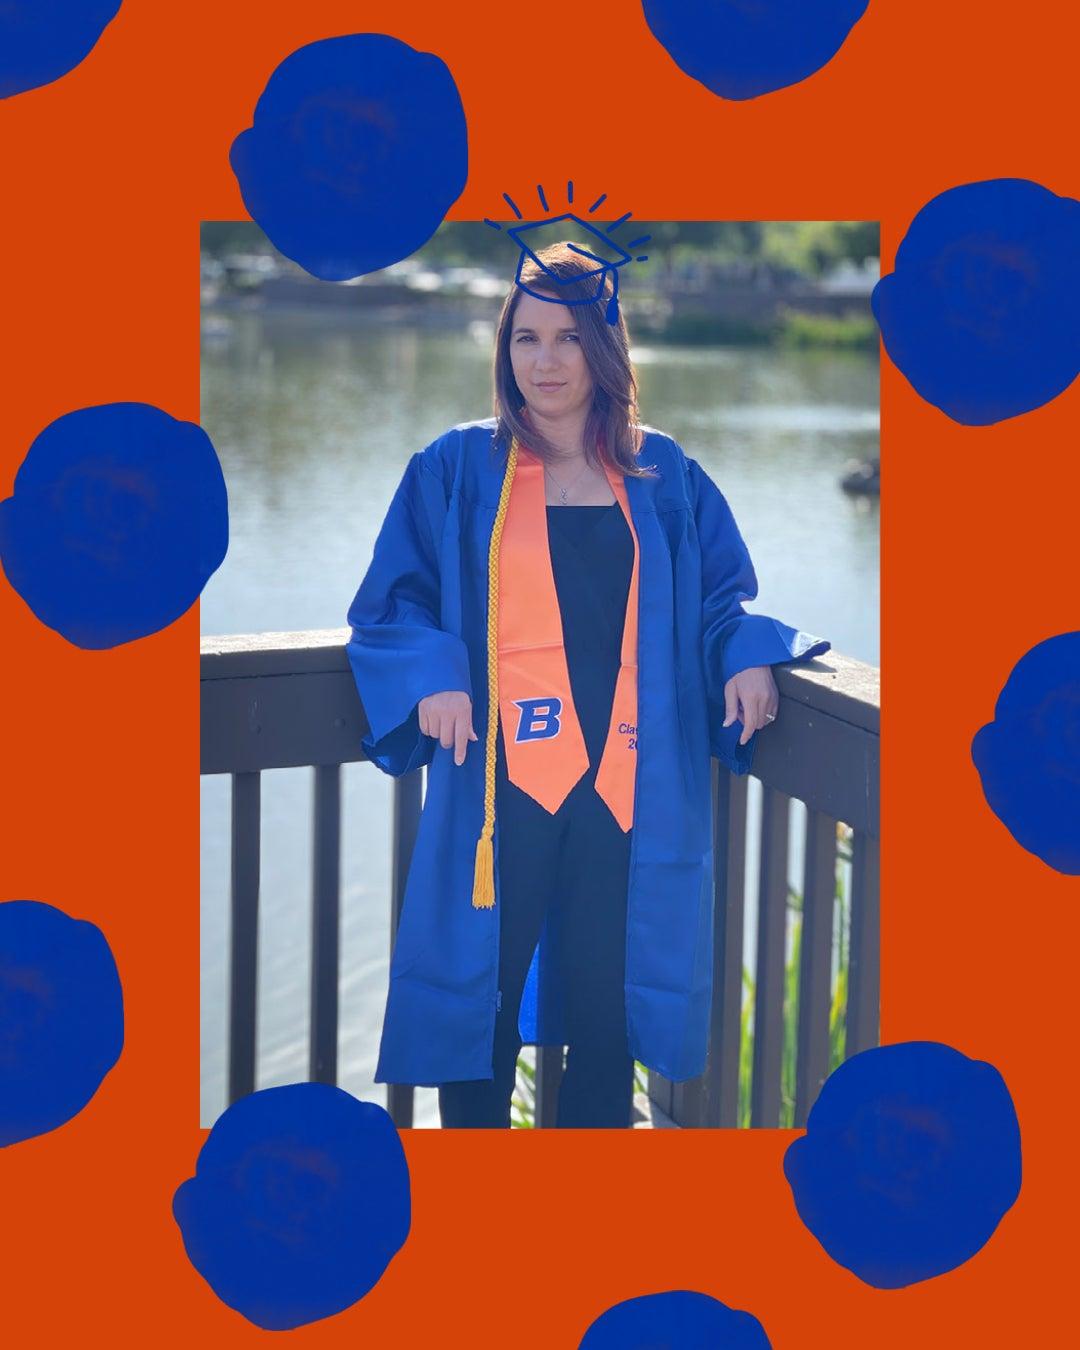 Araceli Gutierrez Bachelor of Arts, Public Health graduate.